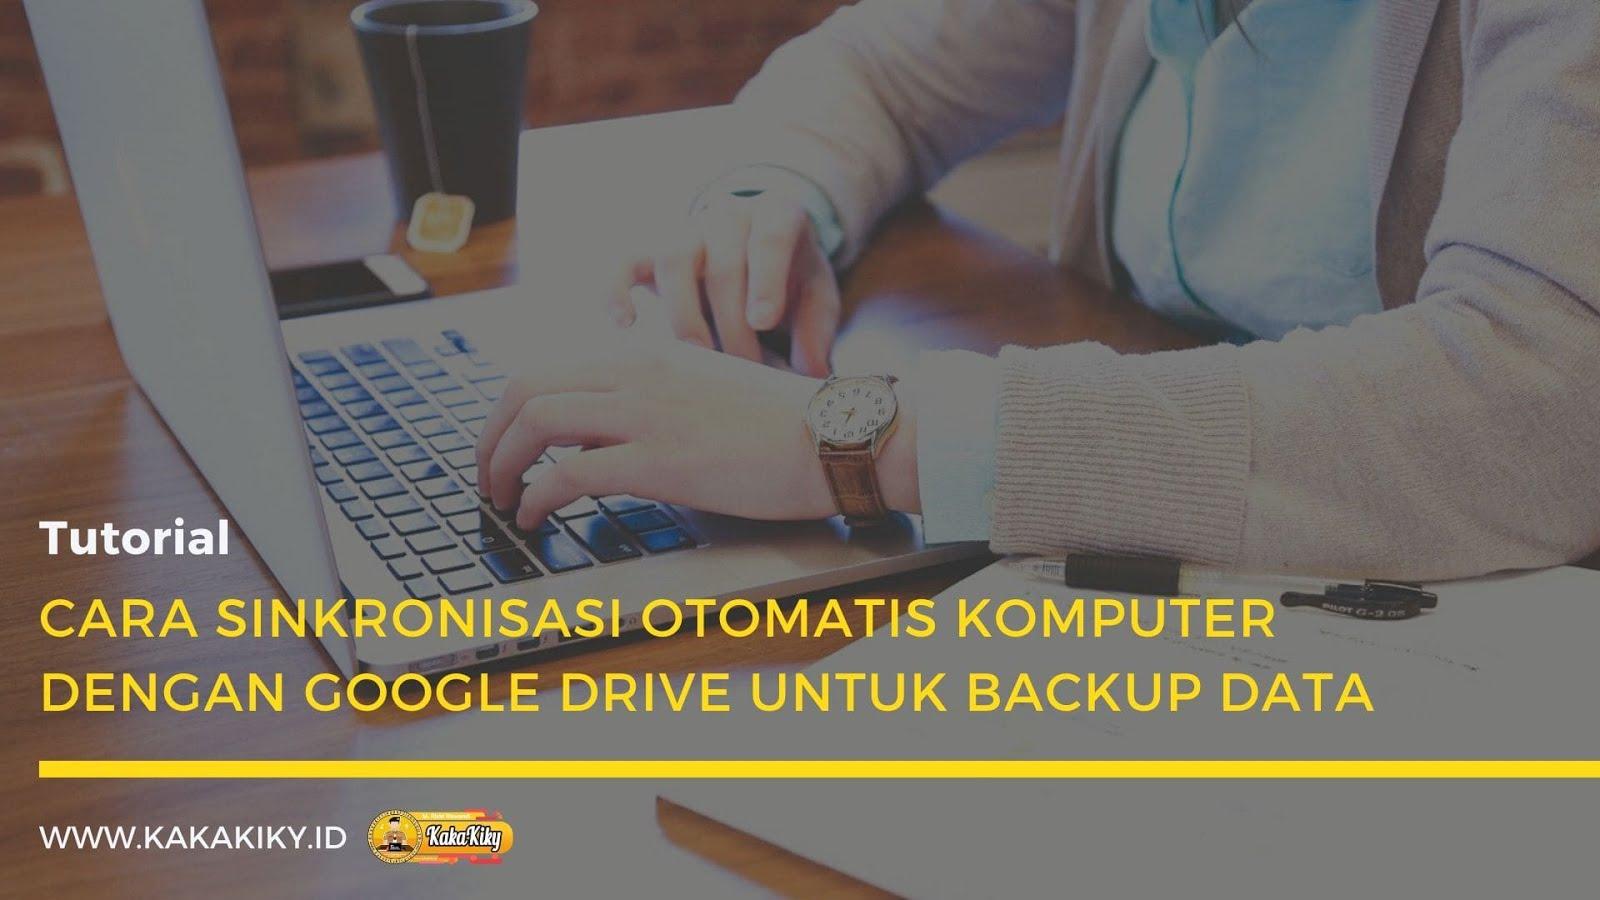 Cara Sinkronisasi Otomatis Komputer Dengan Google Drive Untuk Backup Data